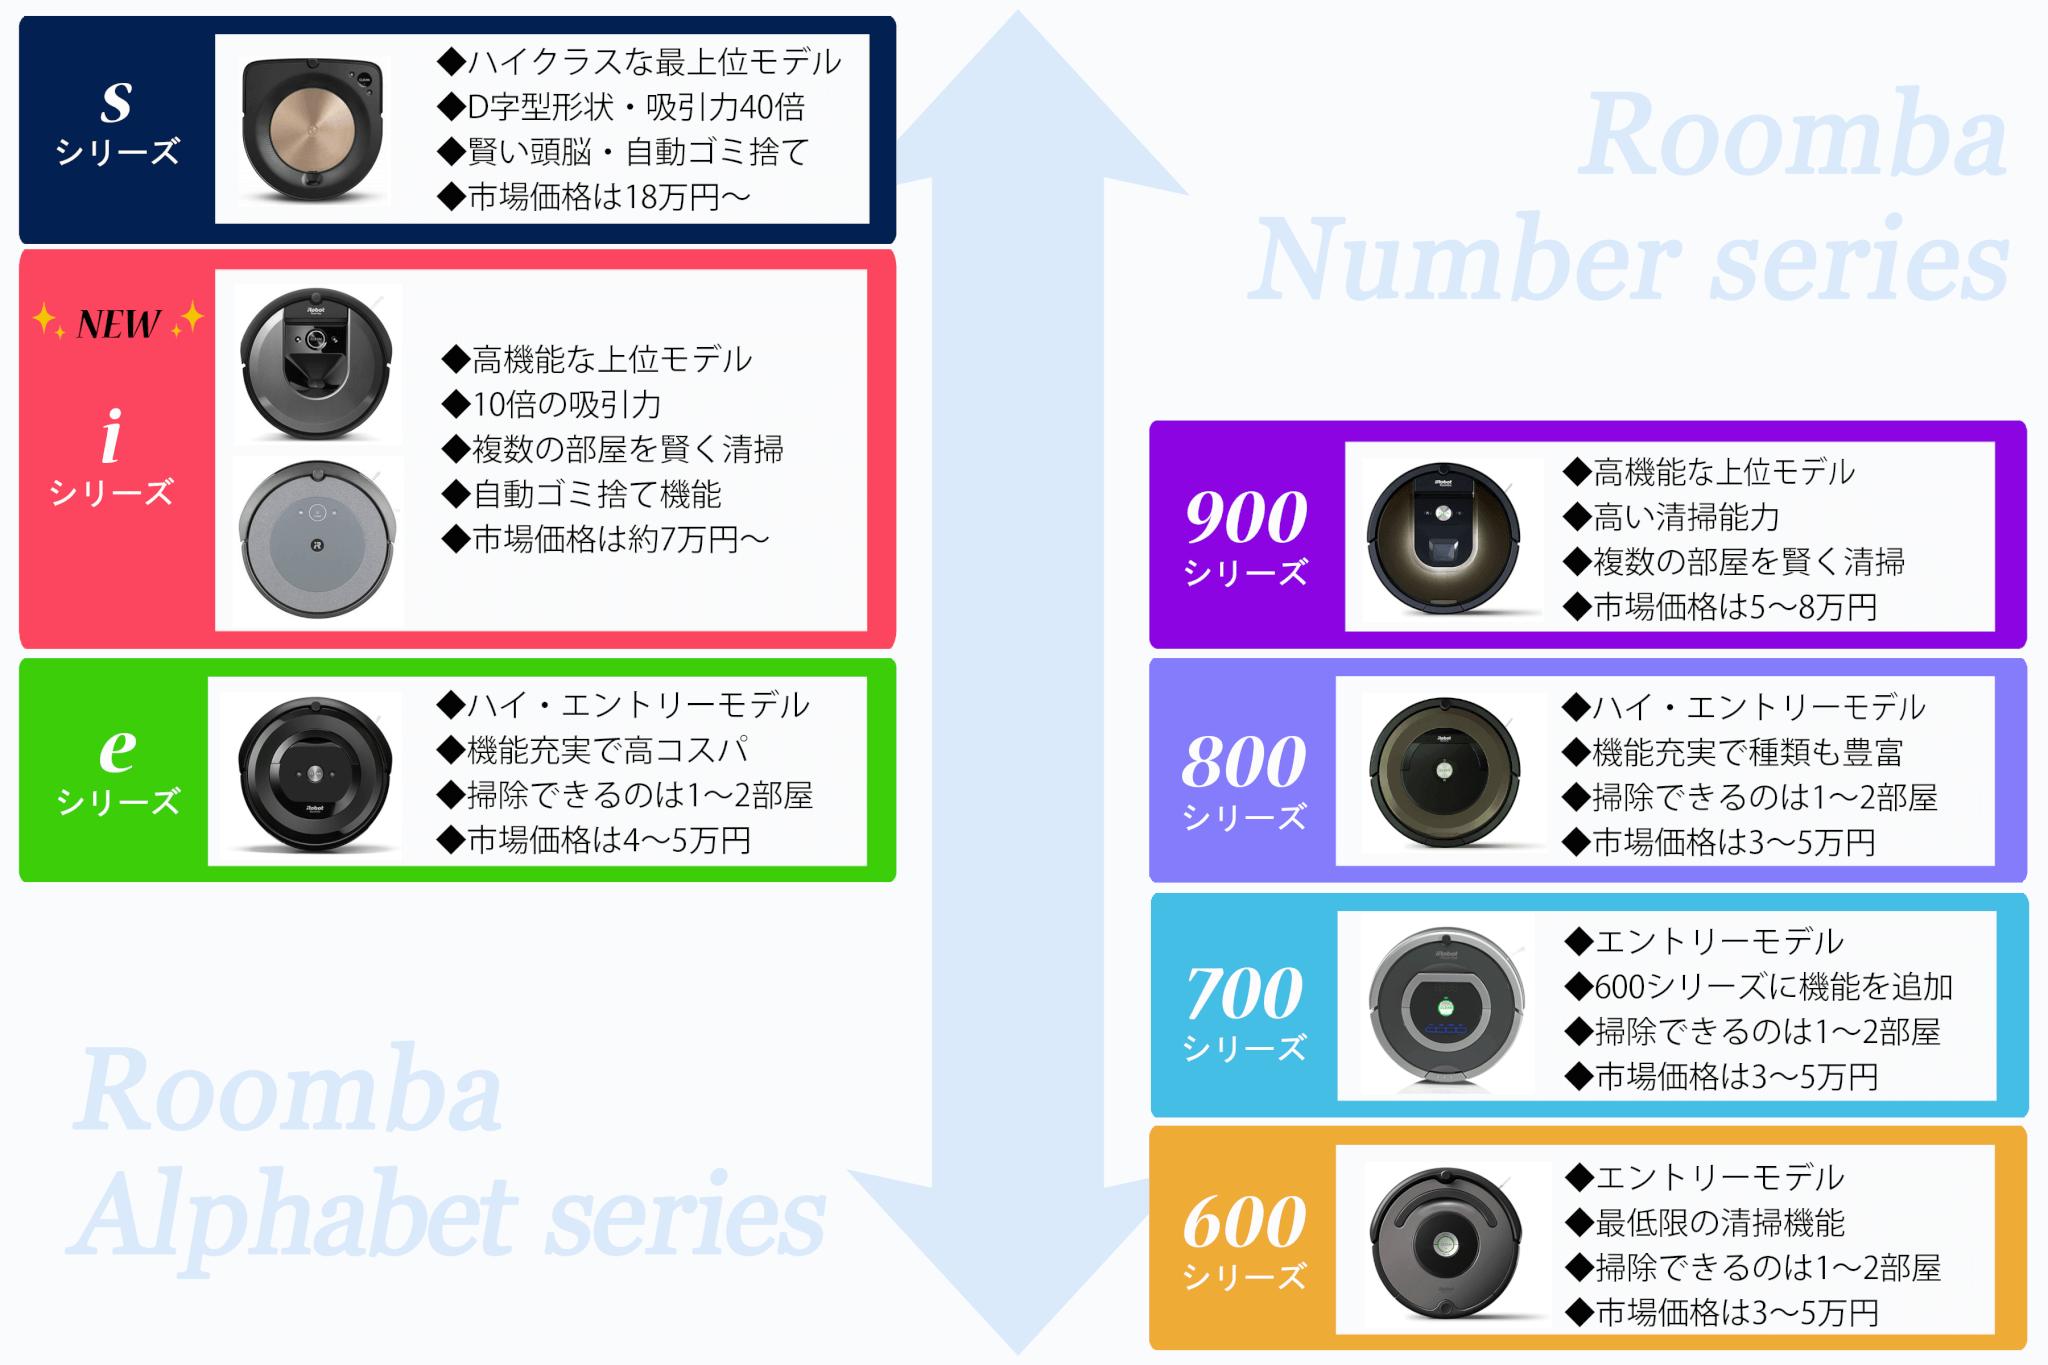 ルンバ全シリーズのポジションイメージ図